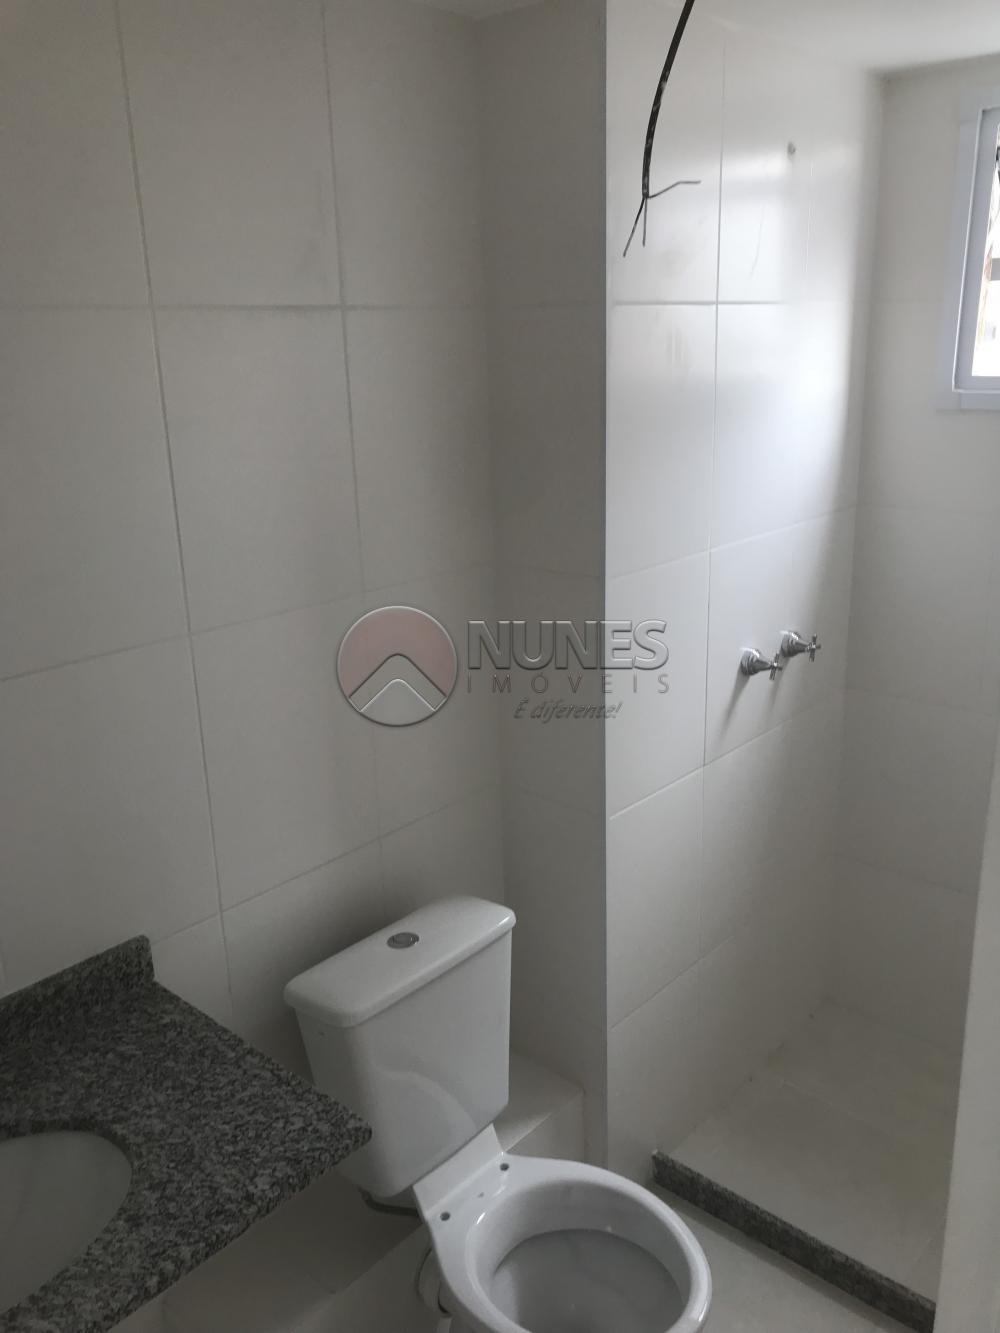 Comprar Apartamento / Padrão em São Paulo apenas R$ 590.000,00 - Foto 13